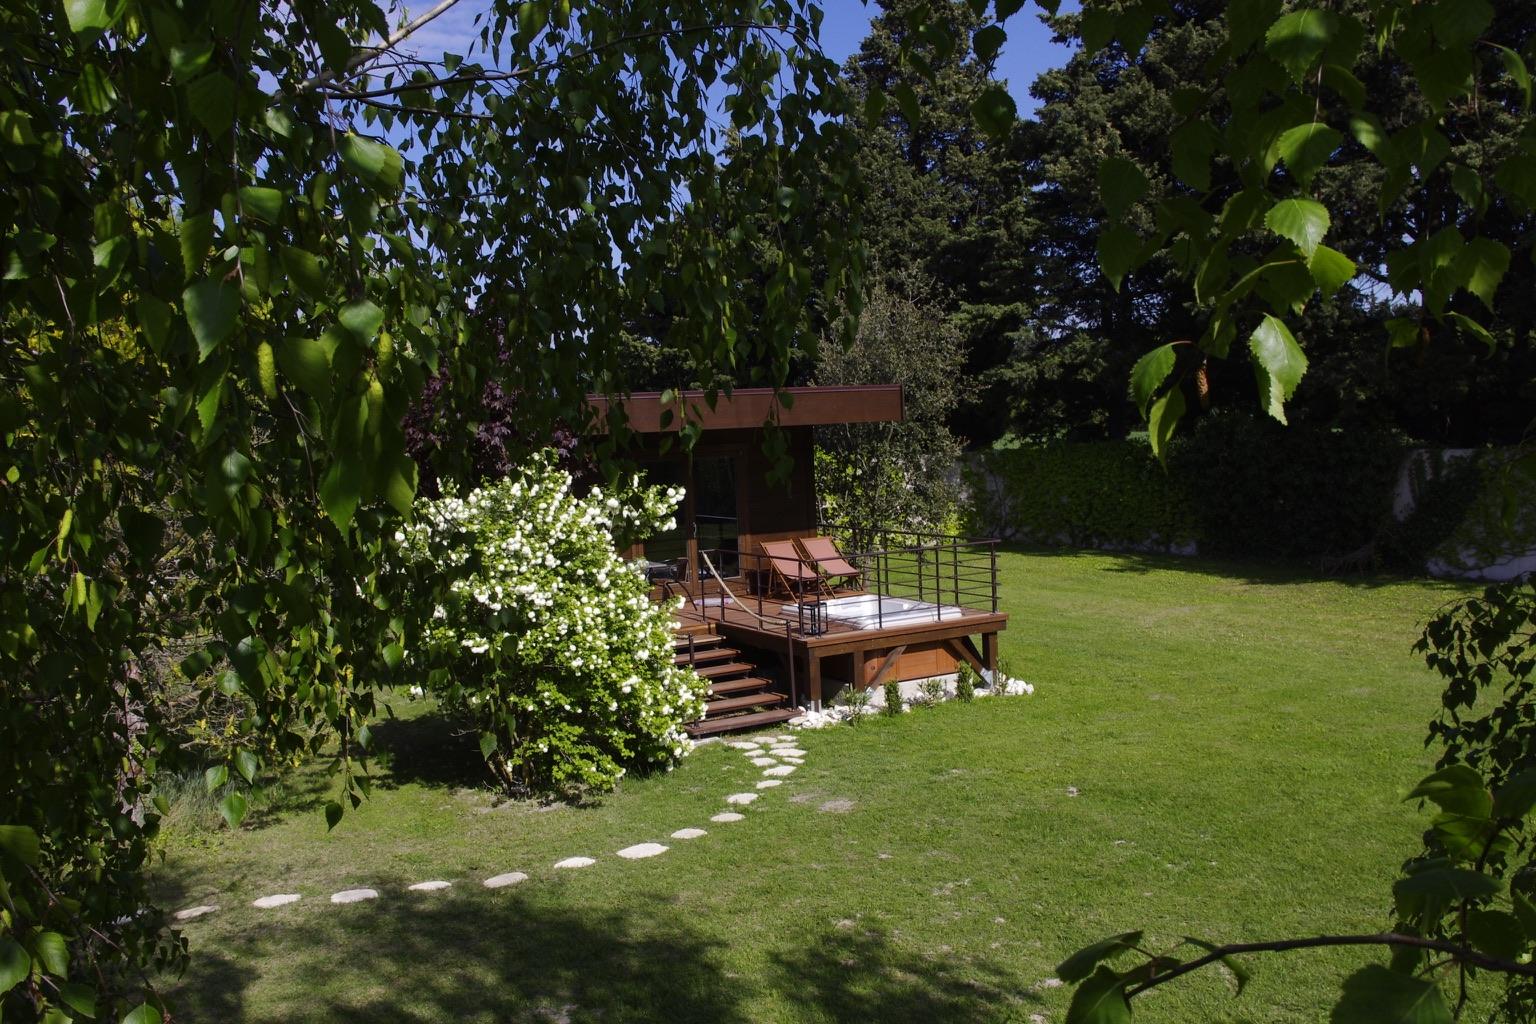 la cabane lodge dans le parc clos